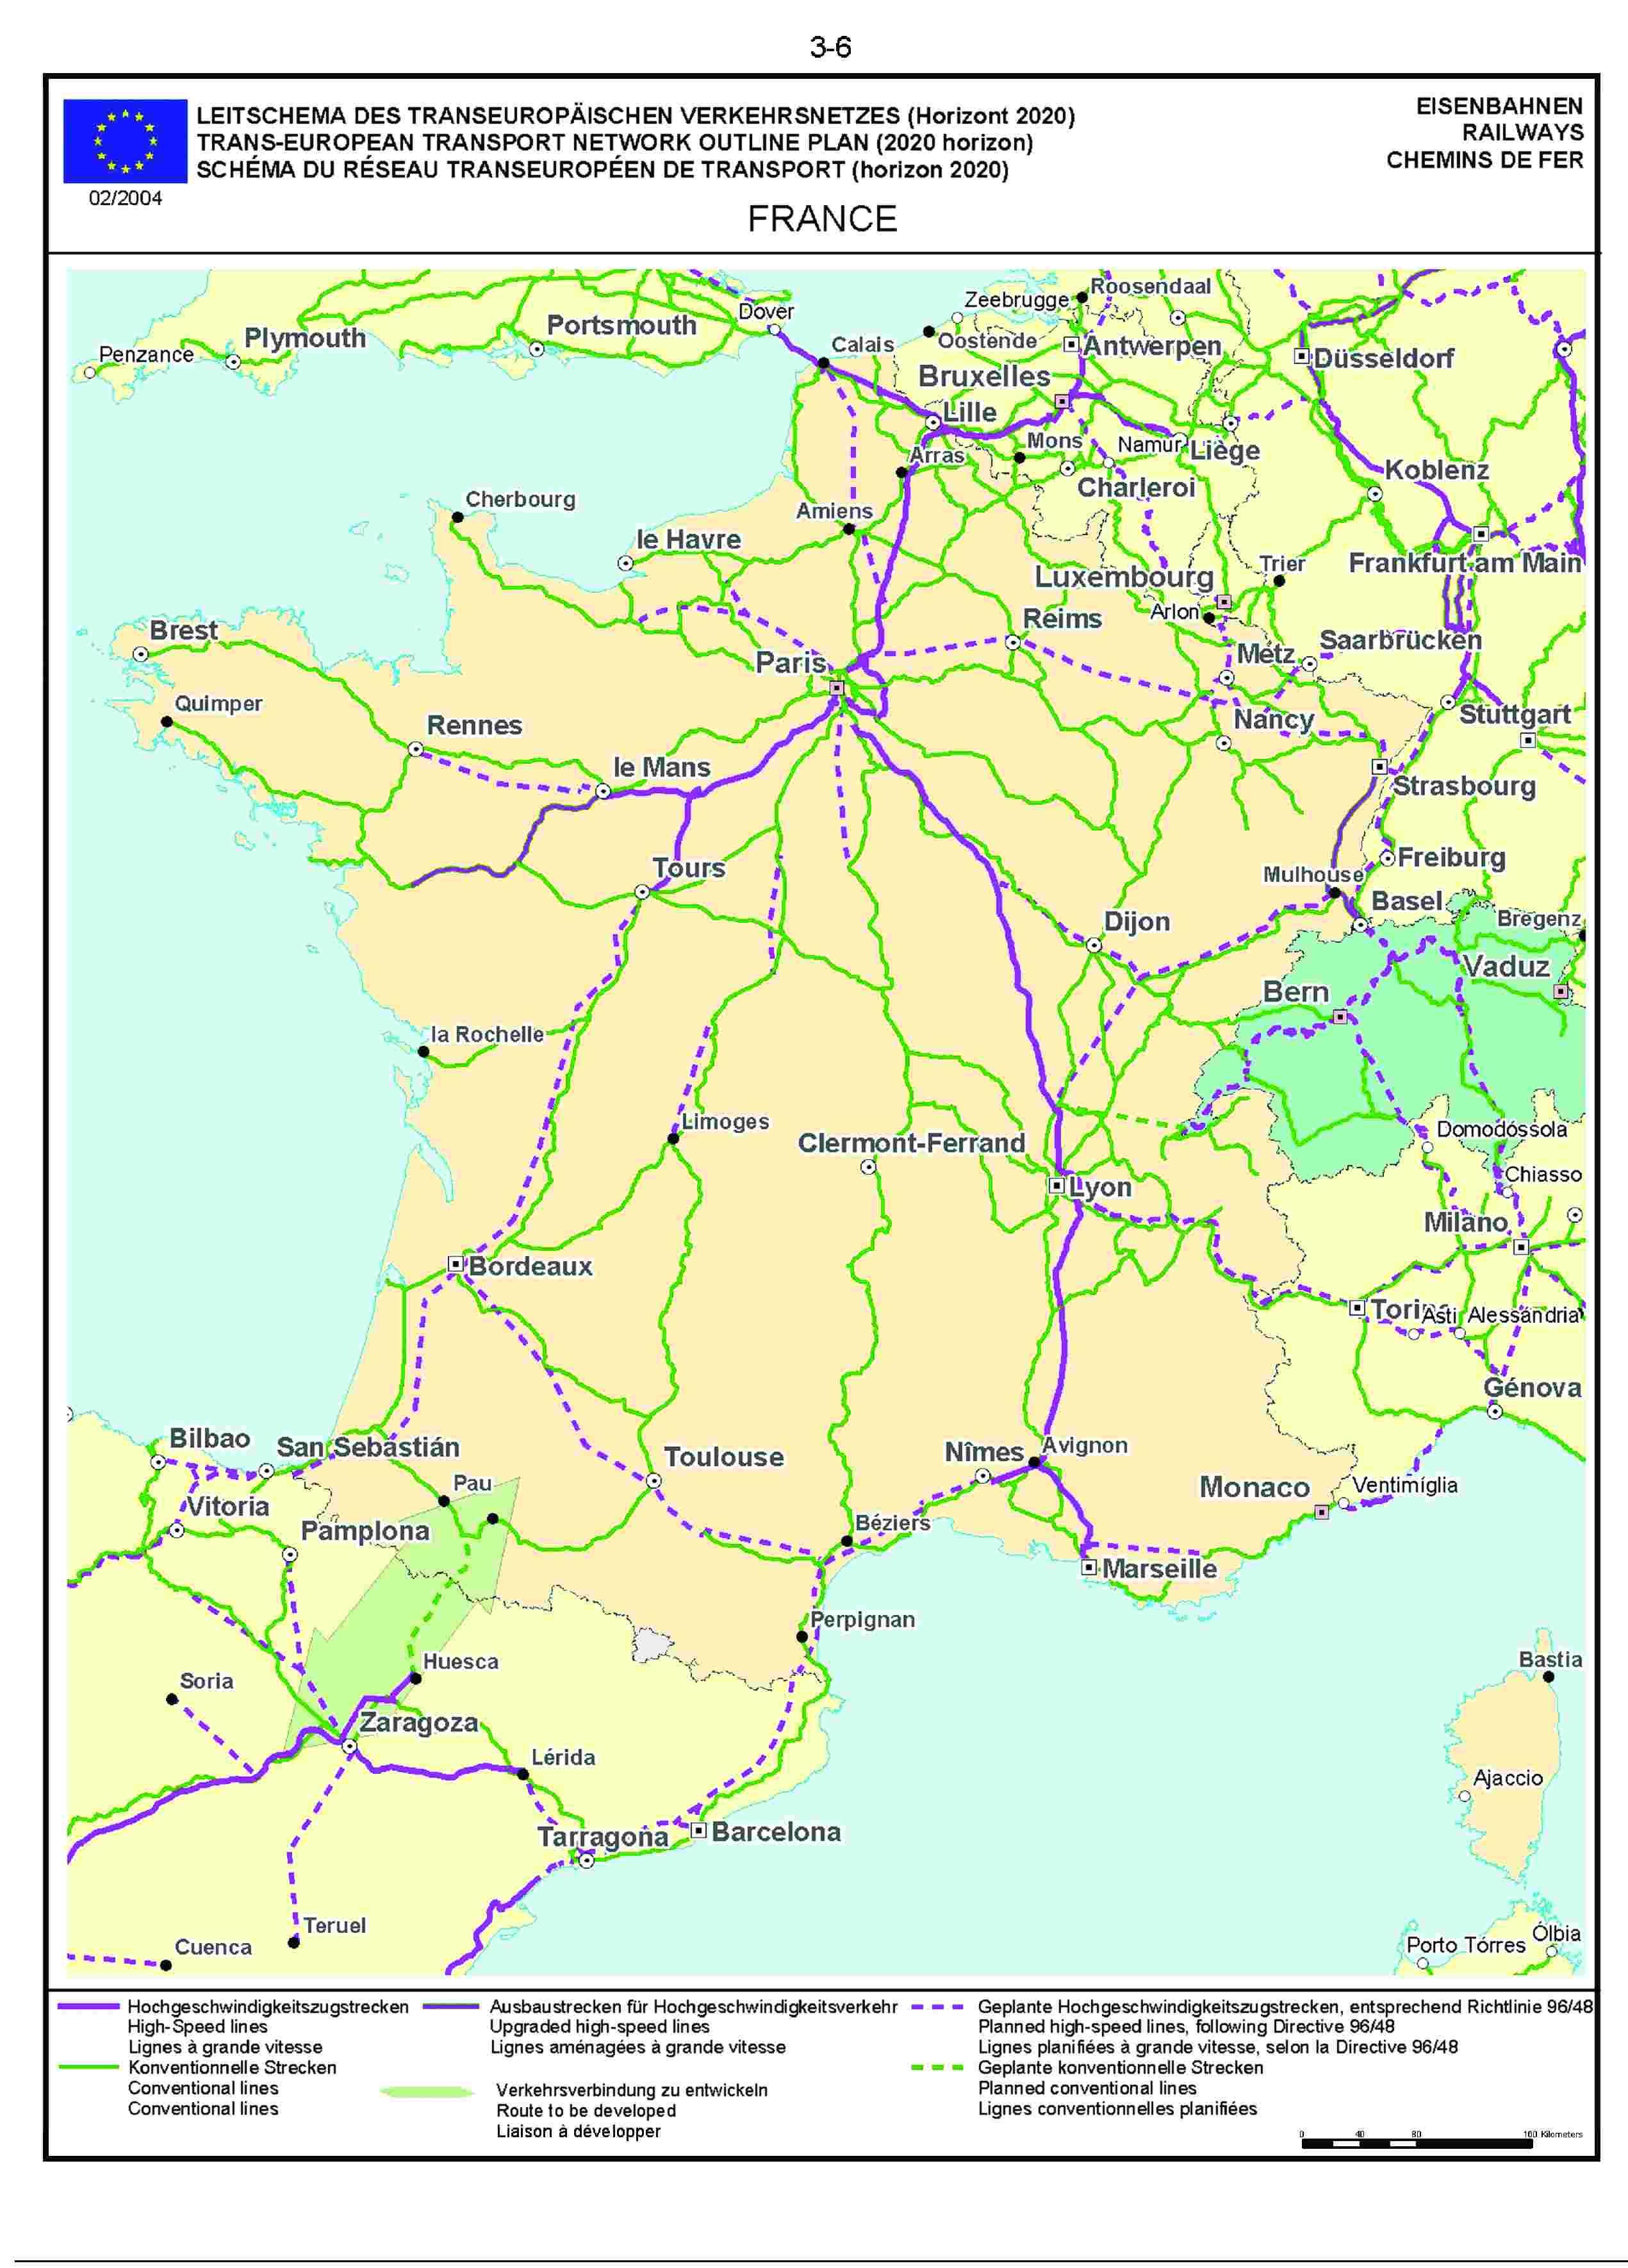 3.6LEITSCHEMA DES TRANSEUROPÄISCHEN VERKEHRSNETZES (Horizont 2020) EISENBAHNENTRANS-EUROPEAN TRANSPORT NETWORK OUTLINE PLAN (2020 horizon) RAILWAYSSCHÉMA DU RÉSEAU TRANSEUROPÉEN DE TRANSPORT (horizon 2020) CHEMINS DE FER02/2004FRANCE